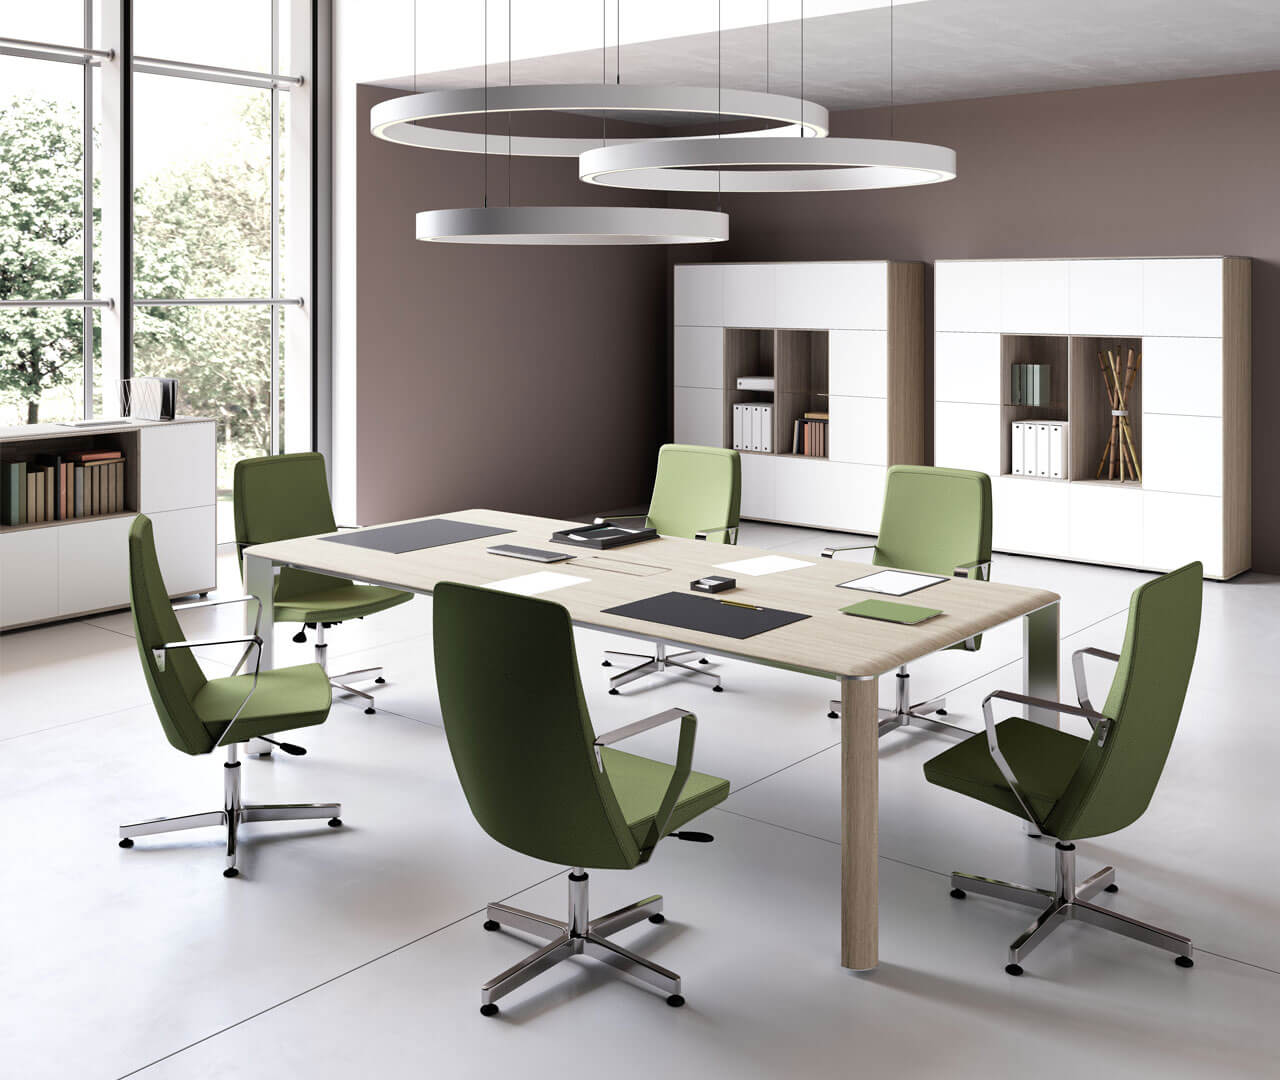 Mobili per ufficio vendita mobili ufficio gallarate for Mobili ufficio napoli